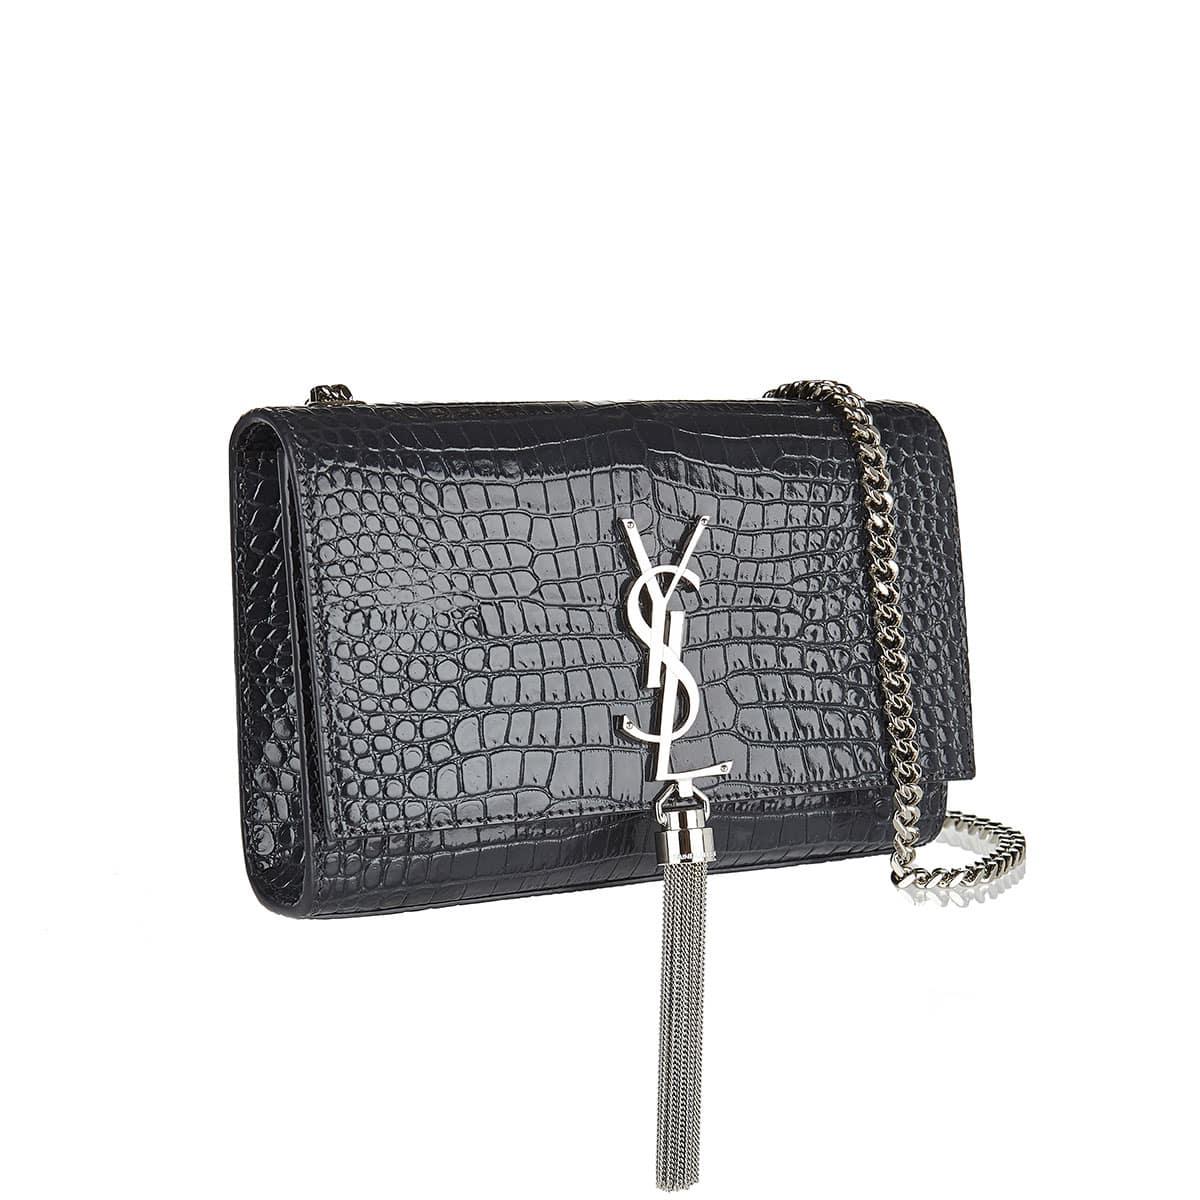 Small Kate tassel chain bag